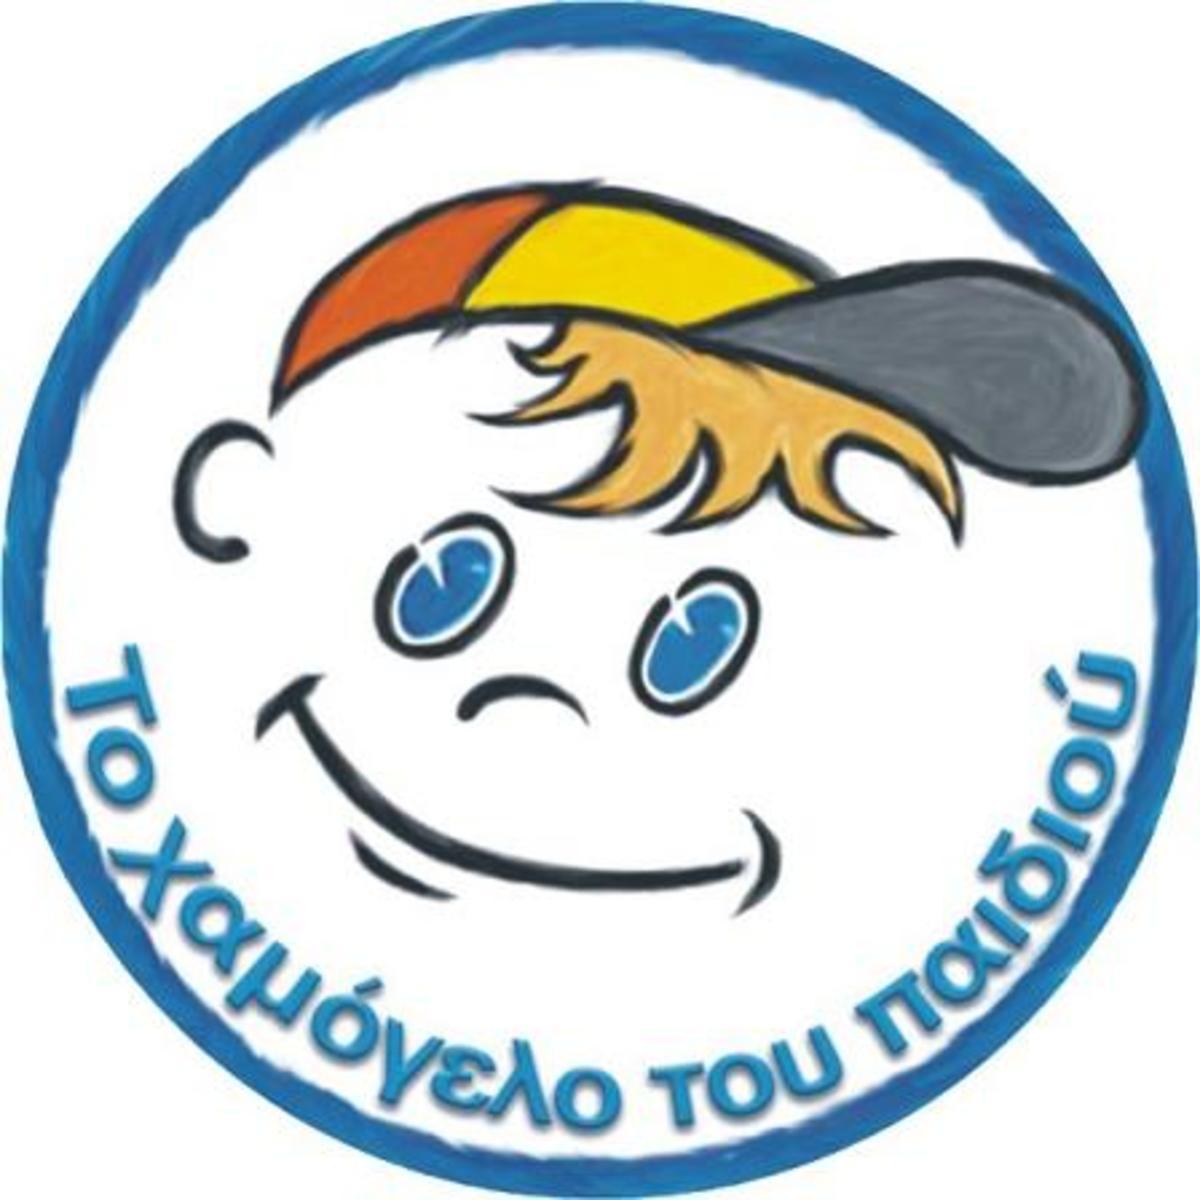 Θεσσαλονίκη: »Βοηθήστε να μην παγώσει το Χαμόγελο του Παιδιού» | Newsit.gr